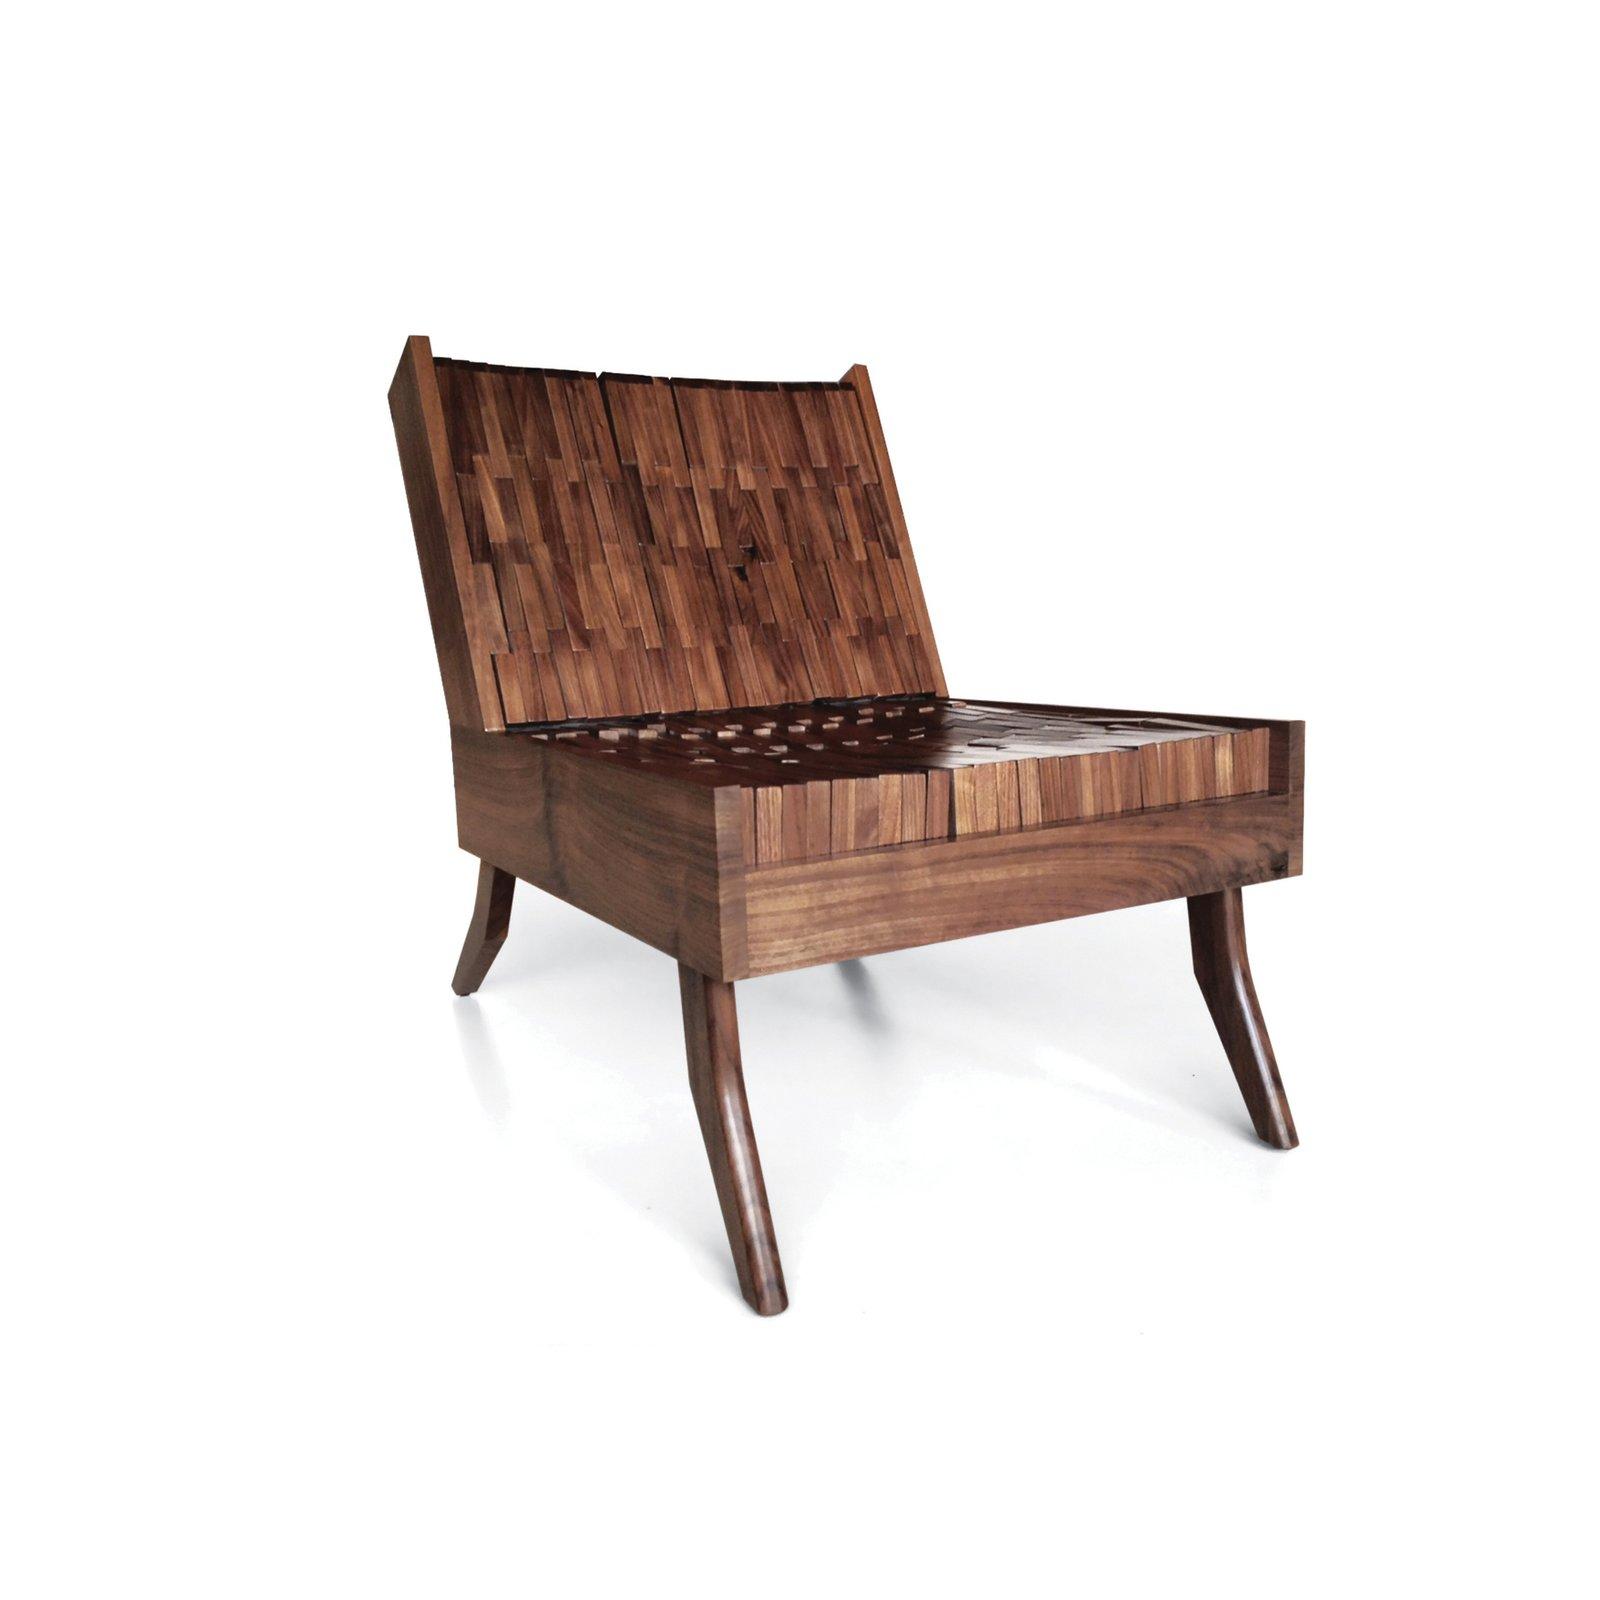 #seatingdesign #seating #chair #furniture #design #walnut #foam #BlockChair #SitskieDesignStudio  #madeinUSA